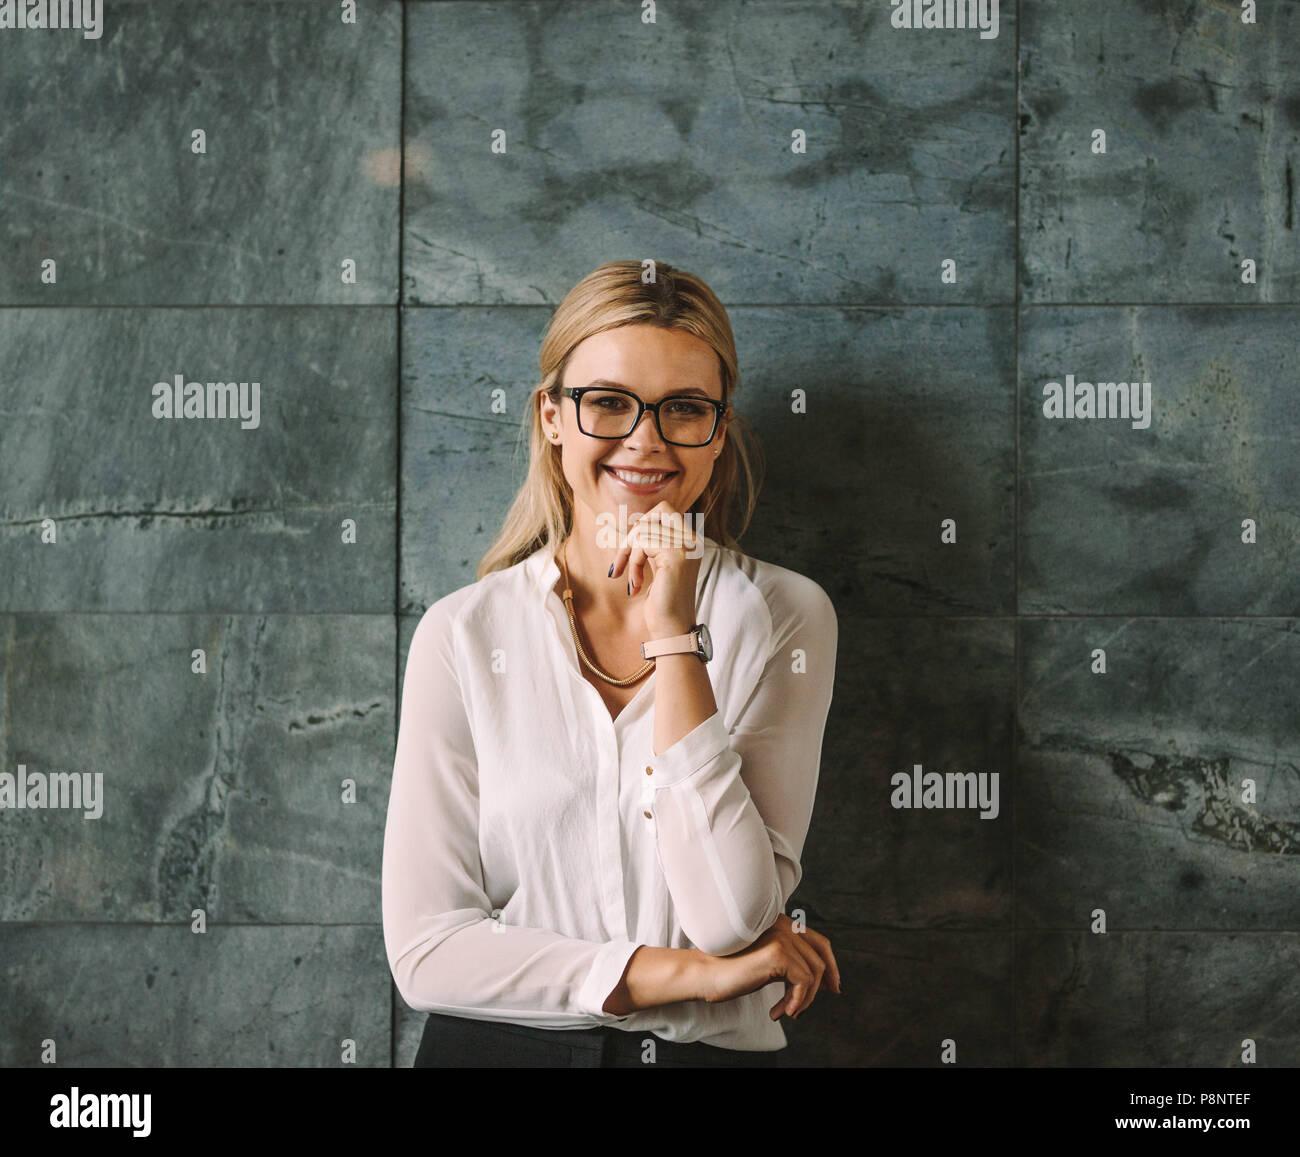 Ritratto di giovane e bella donna in abbigliamento formale in piedi contro il muro grigio e sorridente. Imprenditrice con gli occhiali guardando la fotocamera con la mano su chi Immagini Stock